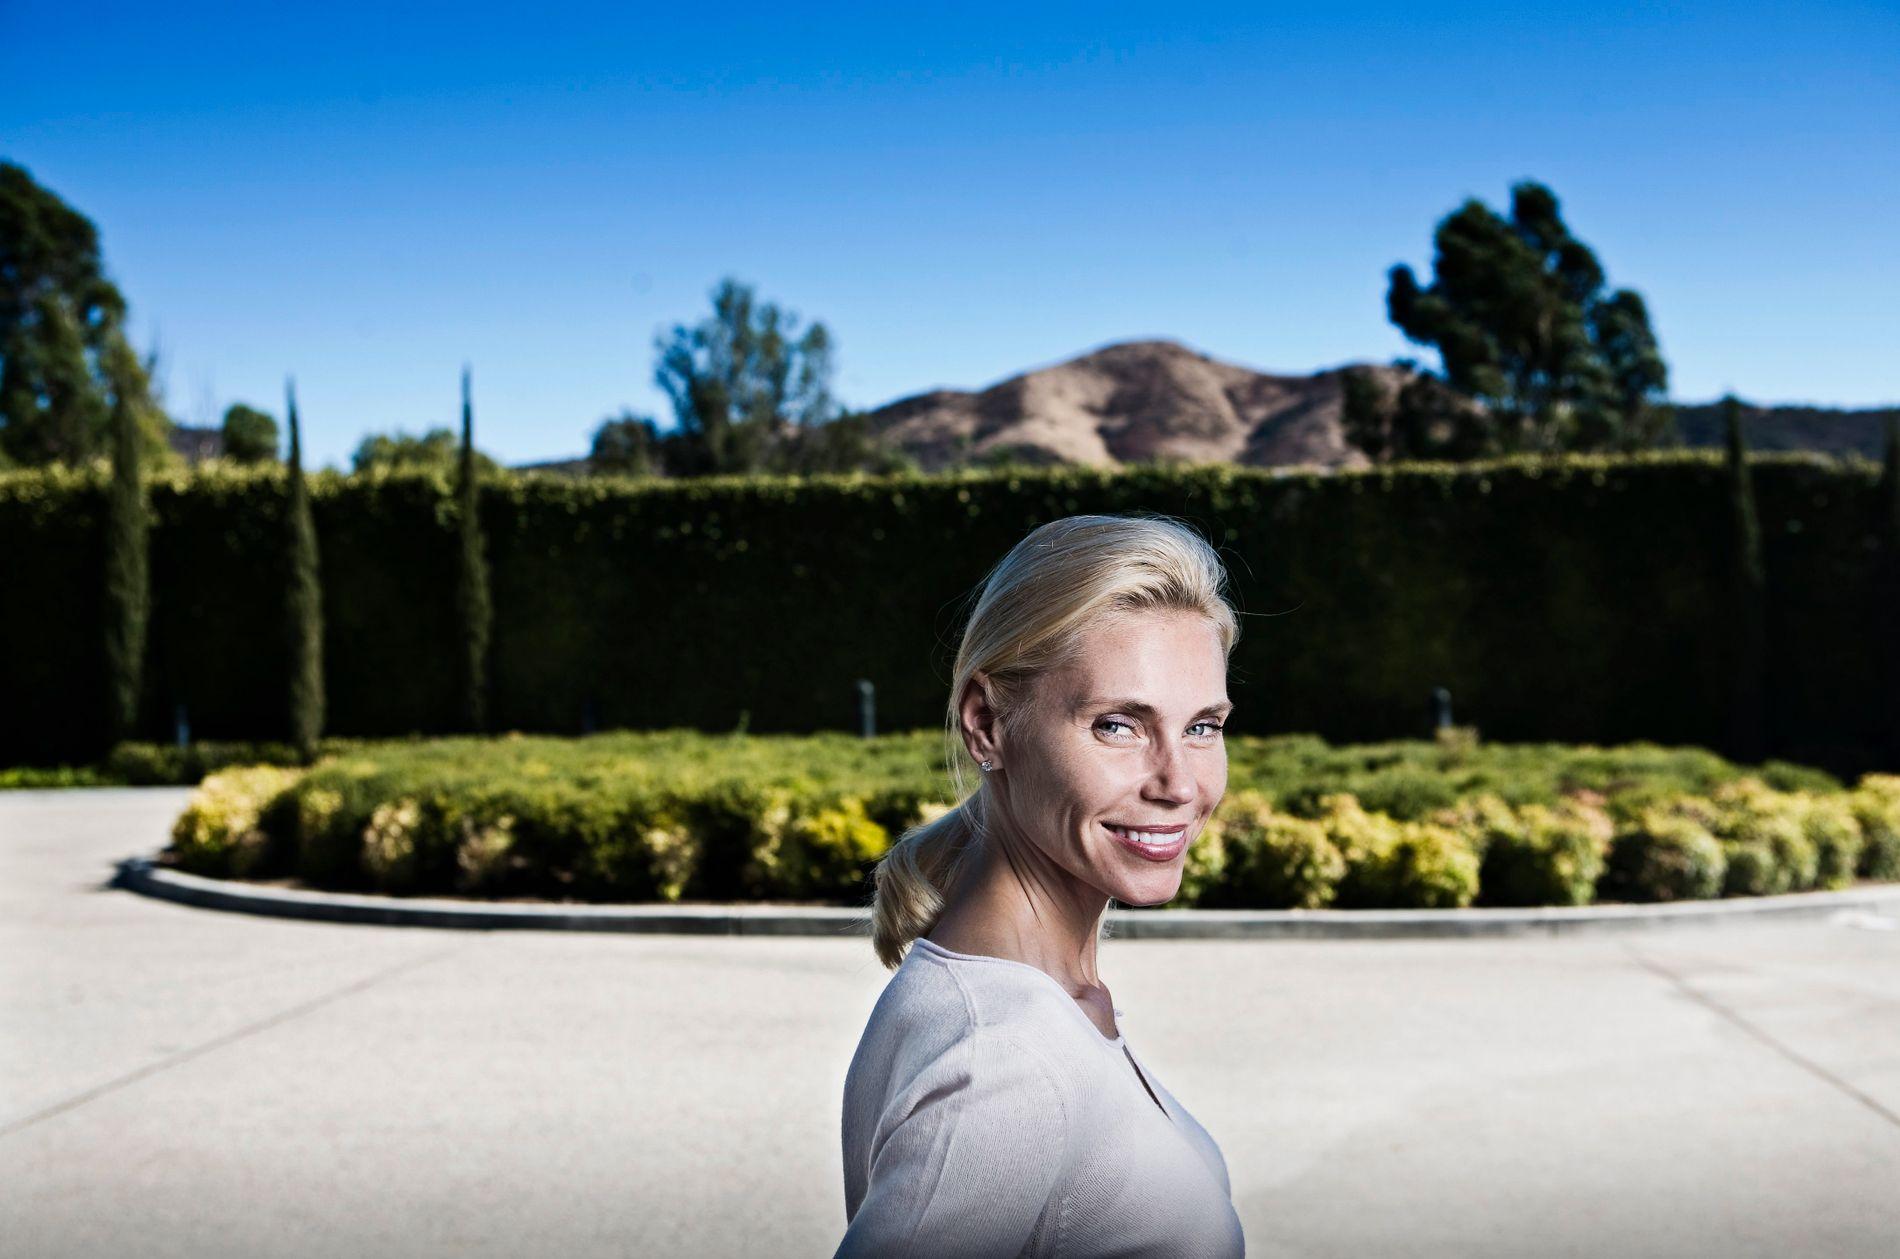 IKKE NÅDIG: Anna Anka er tilbake i «Svenske Hollywoodfruer» og hun har ikke mye pent å si om de andre fruene.